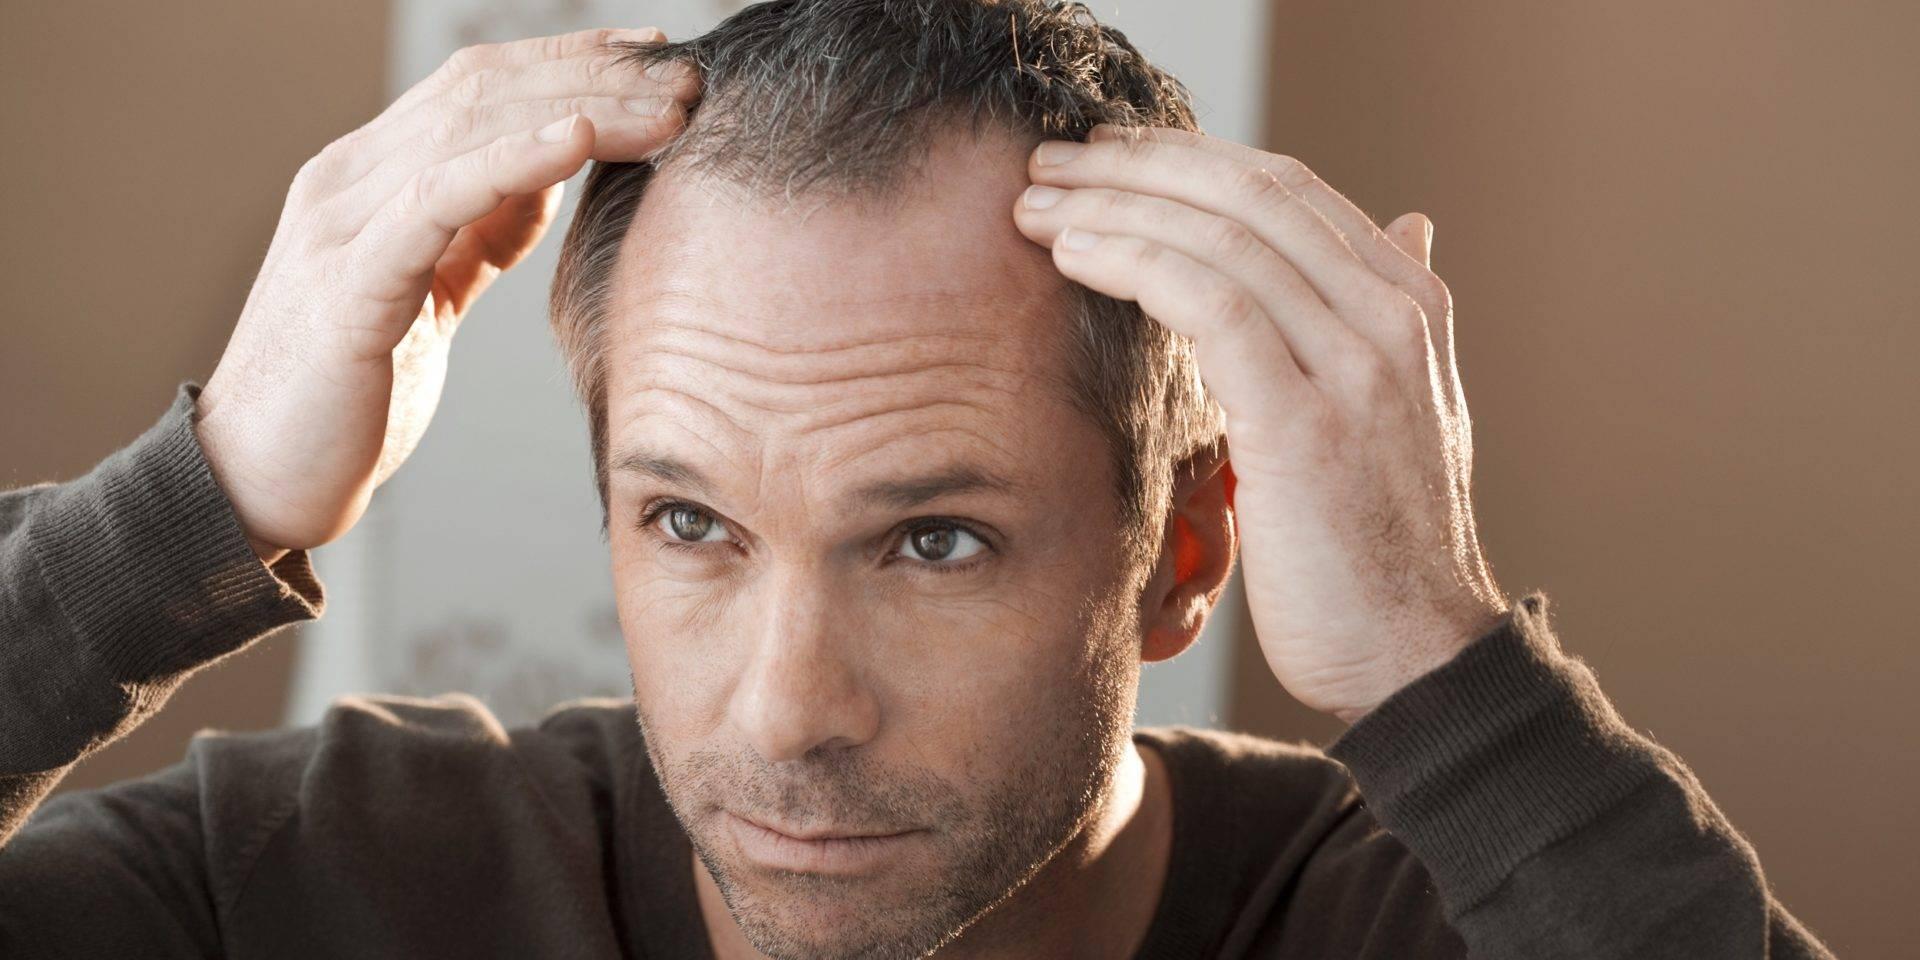 Причины облысения у мужчин в раннем и зрелом возрасте: в 20, 30, 40, 50 лет